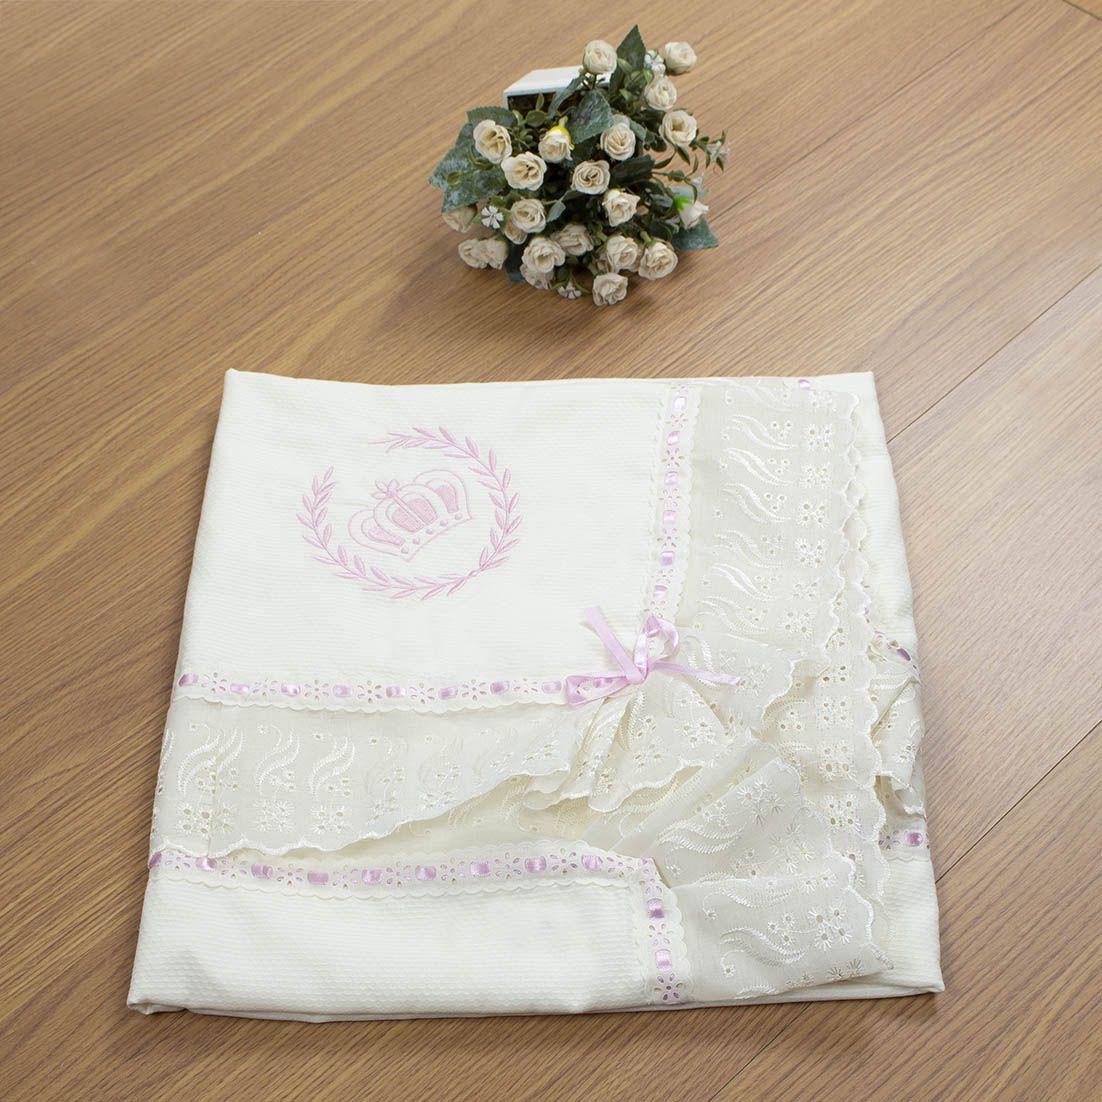 Manta de Piquet 100% c/ Lasie - Ursa Realeza Floral